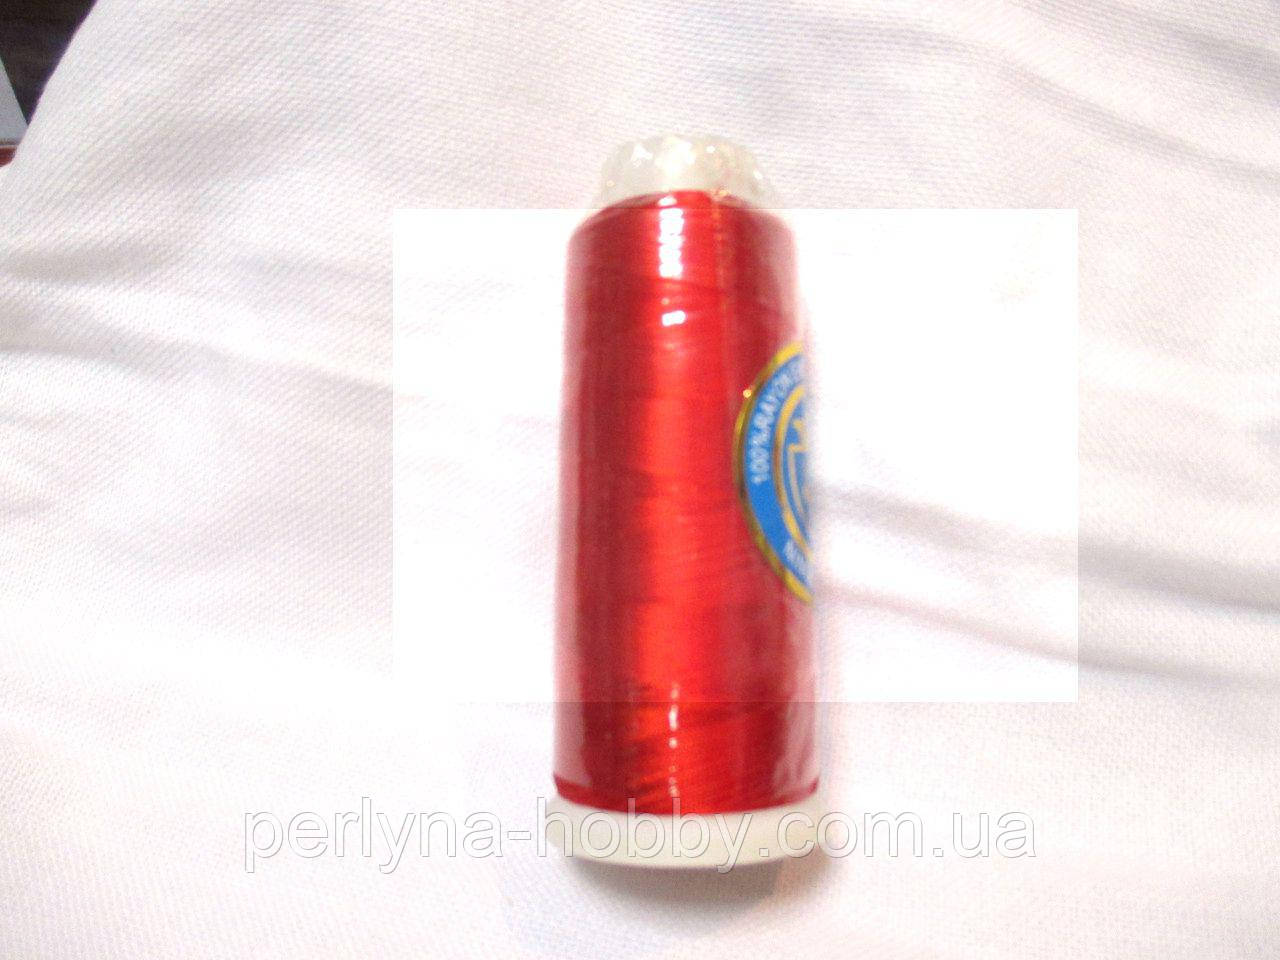 Нитки для машинної вишики 100% віскоза (100% rayon) 3000 ярдів, №148, яскраво-червоний